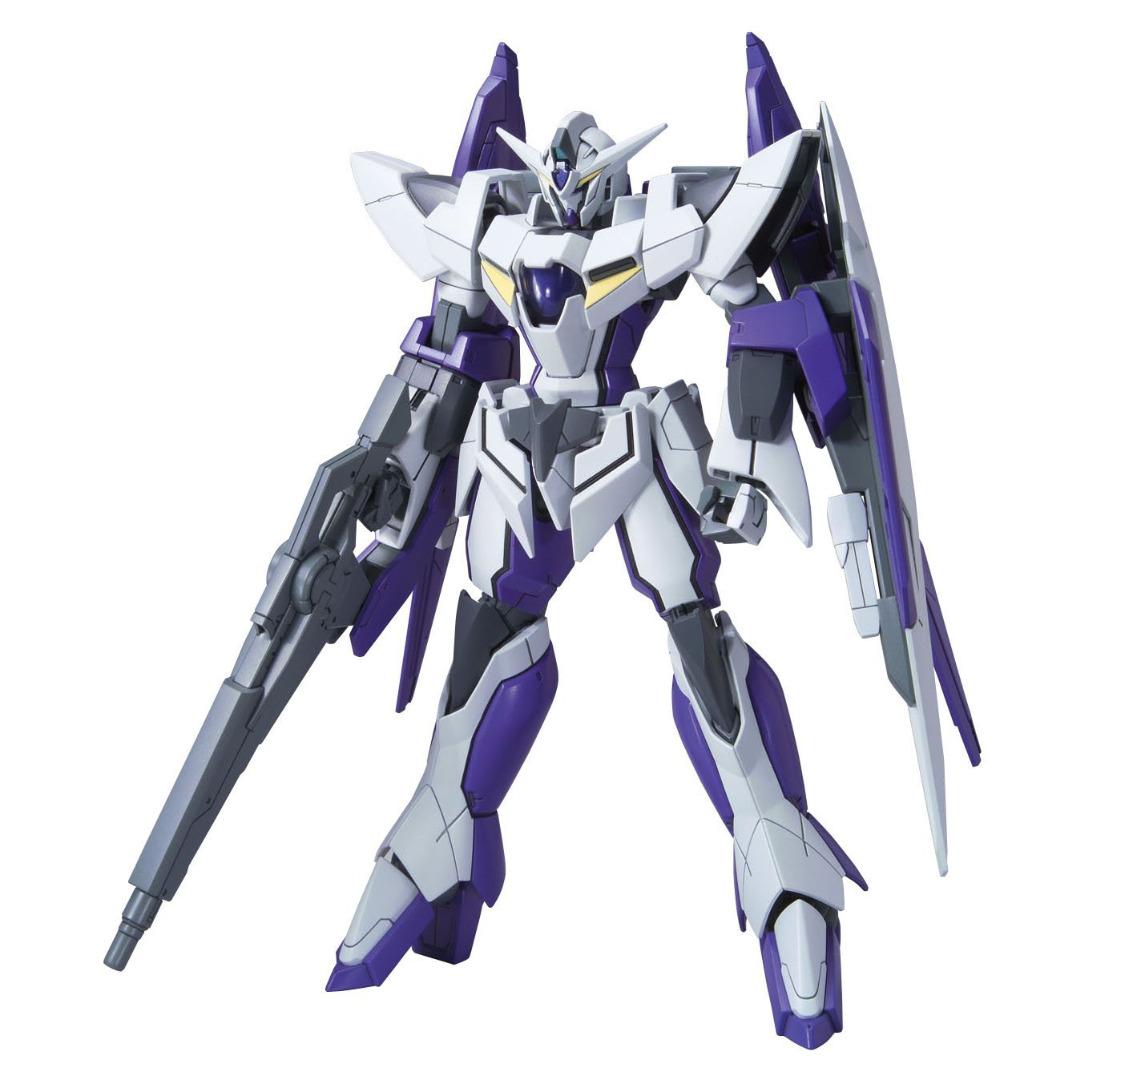 HG High Grade Gundam 1.5 1/144